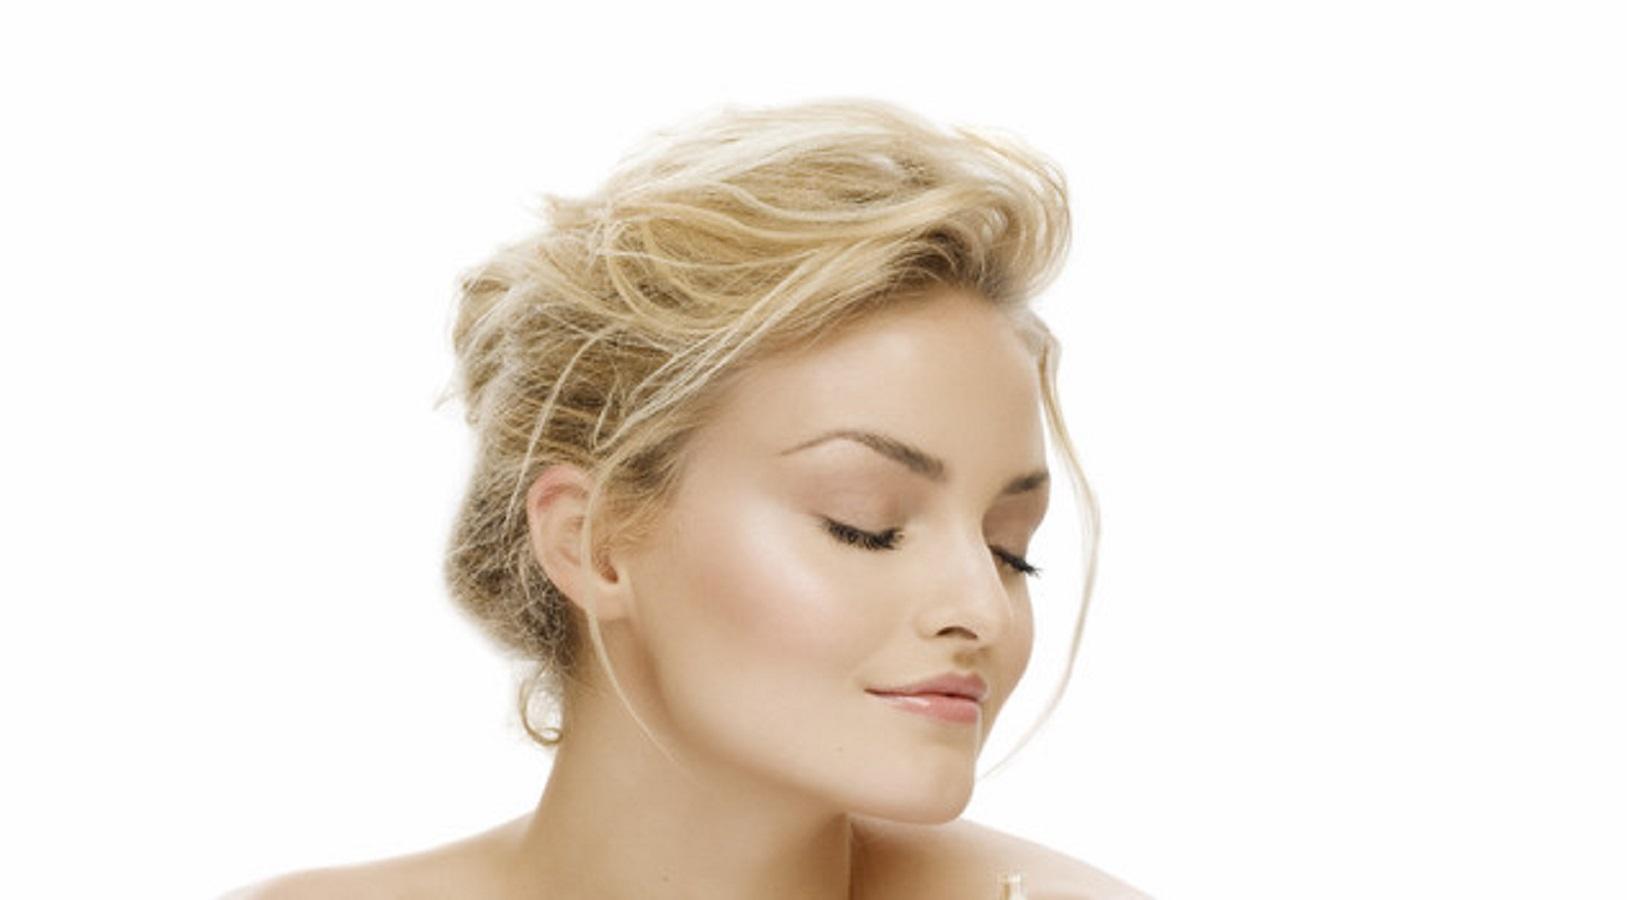 Pelle grassa, questa crema viso all'acido ialuronico è l'alterativa al siero